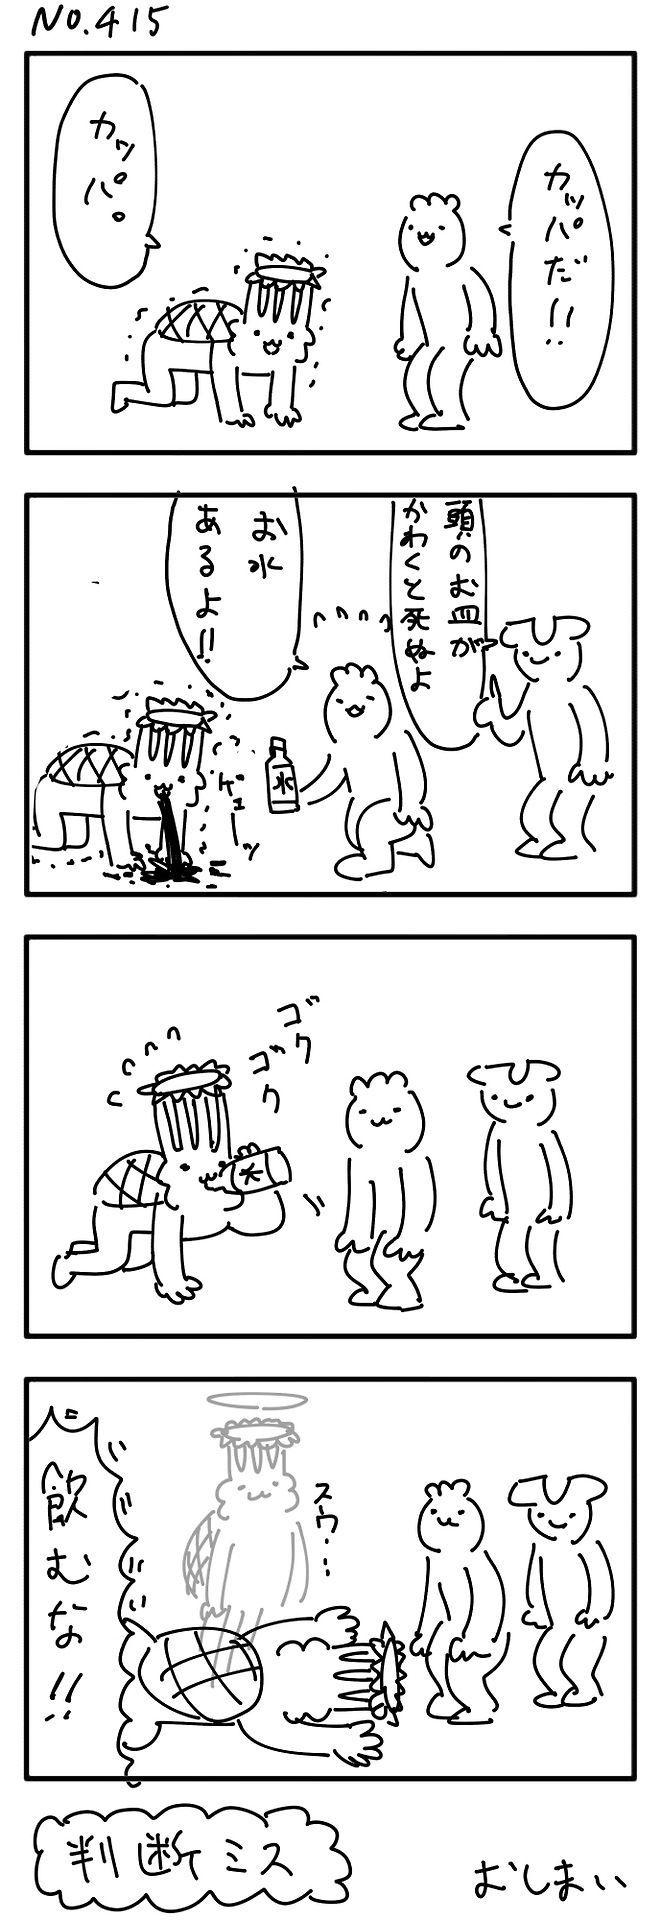 面白い四コマ漫画の画像ください